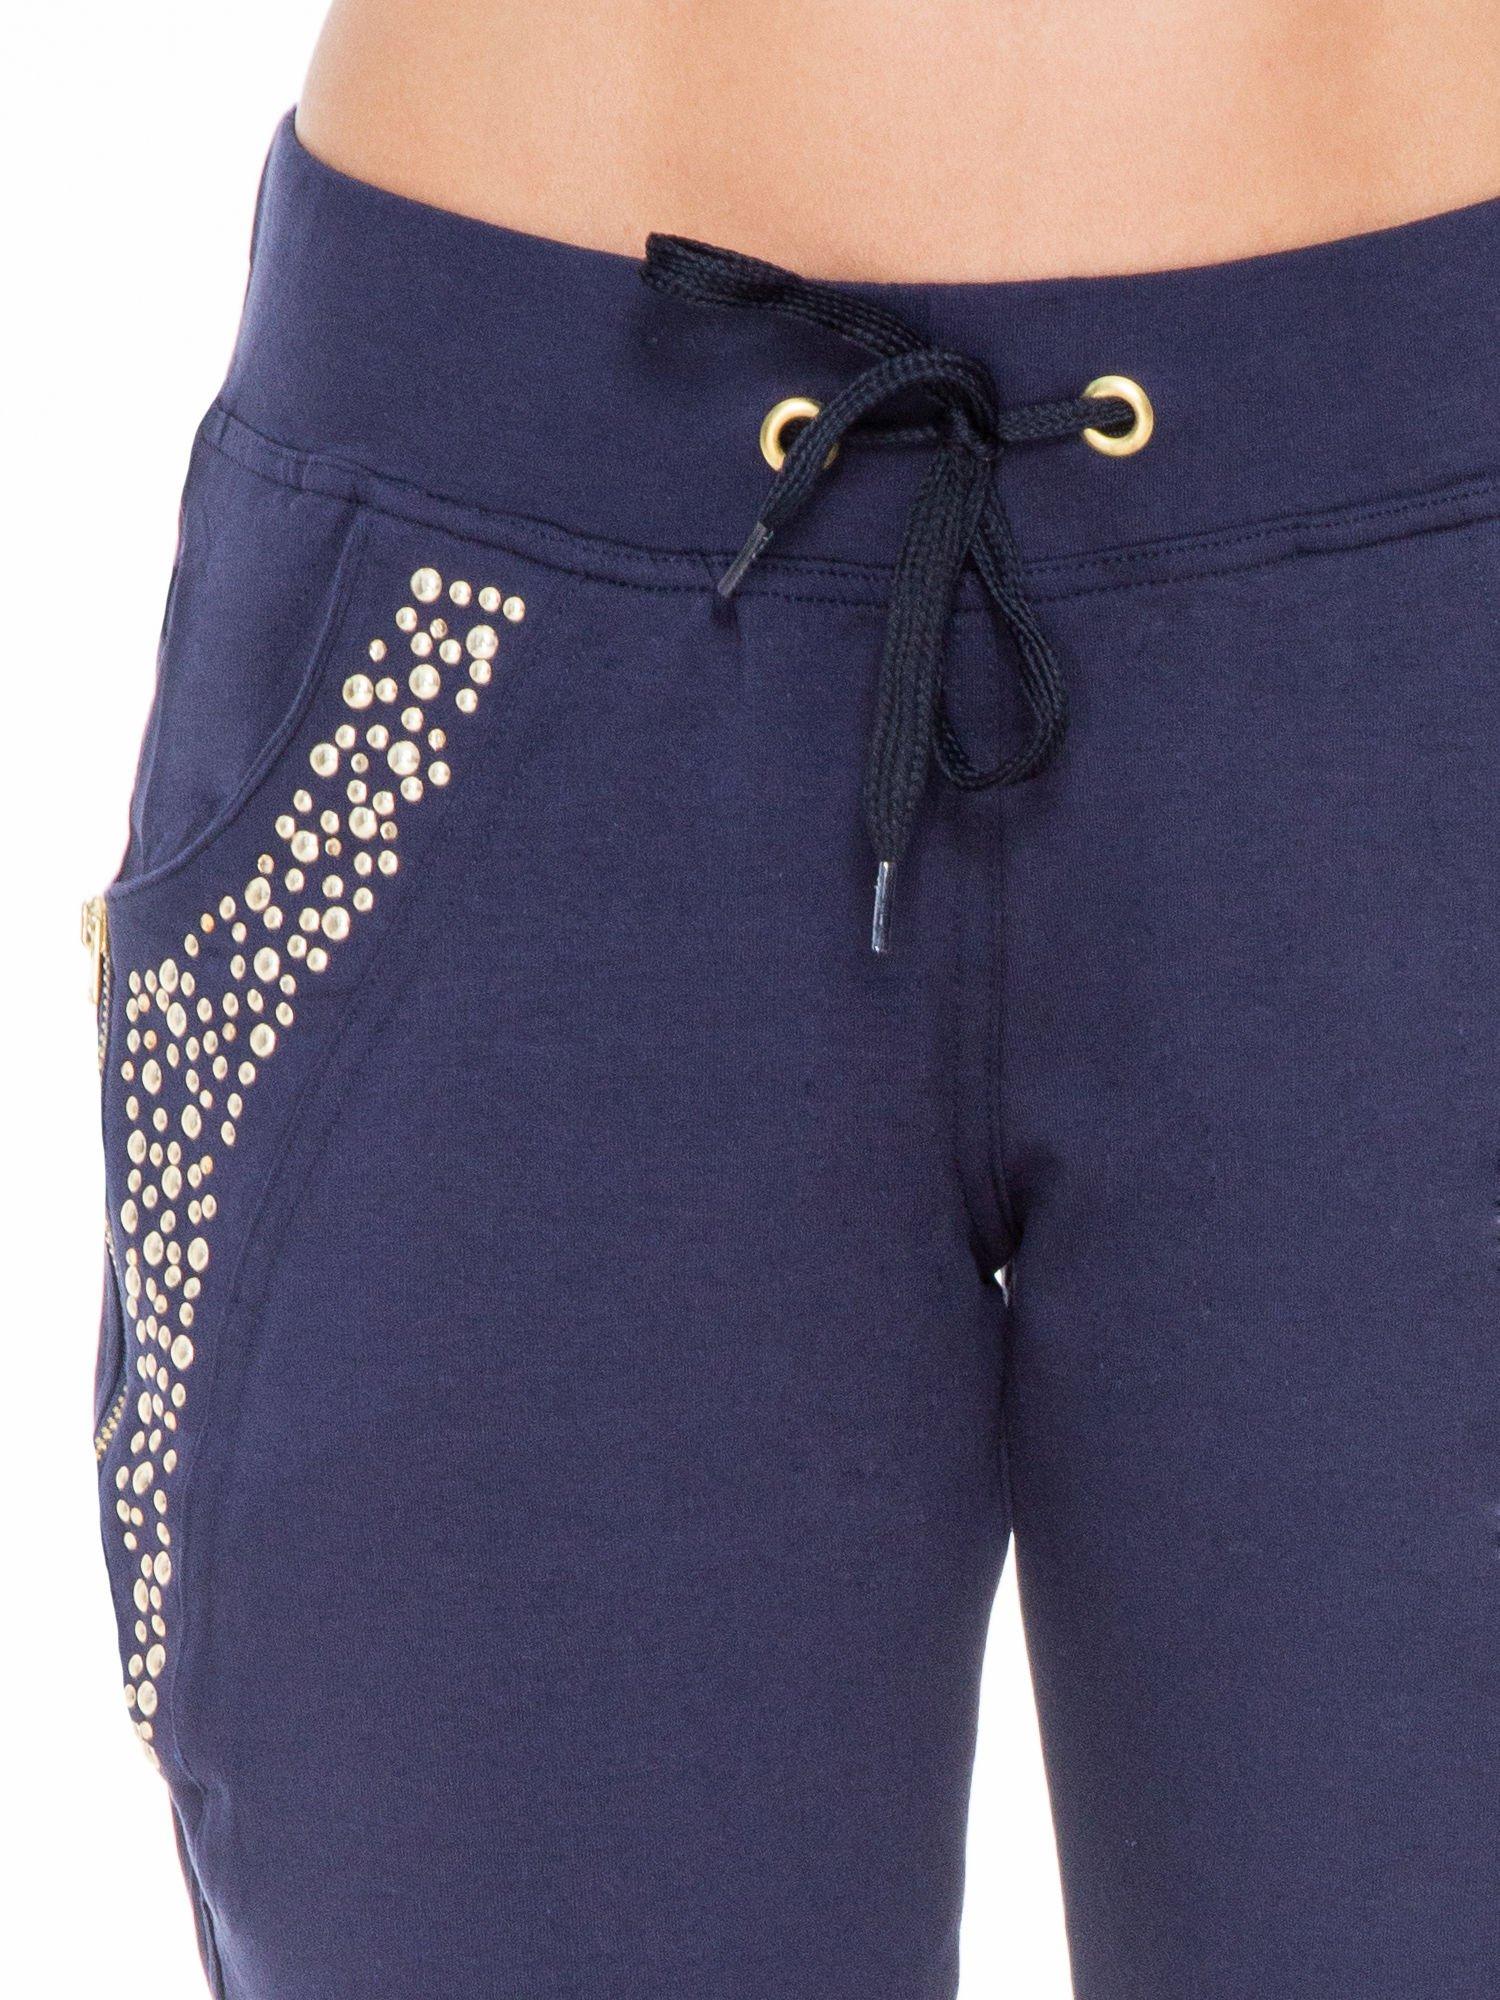 Granatowe eleganckie spodnie dresowe z dżetami                                  zdj.                                  4